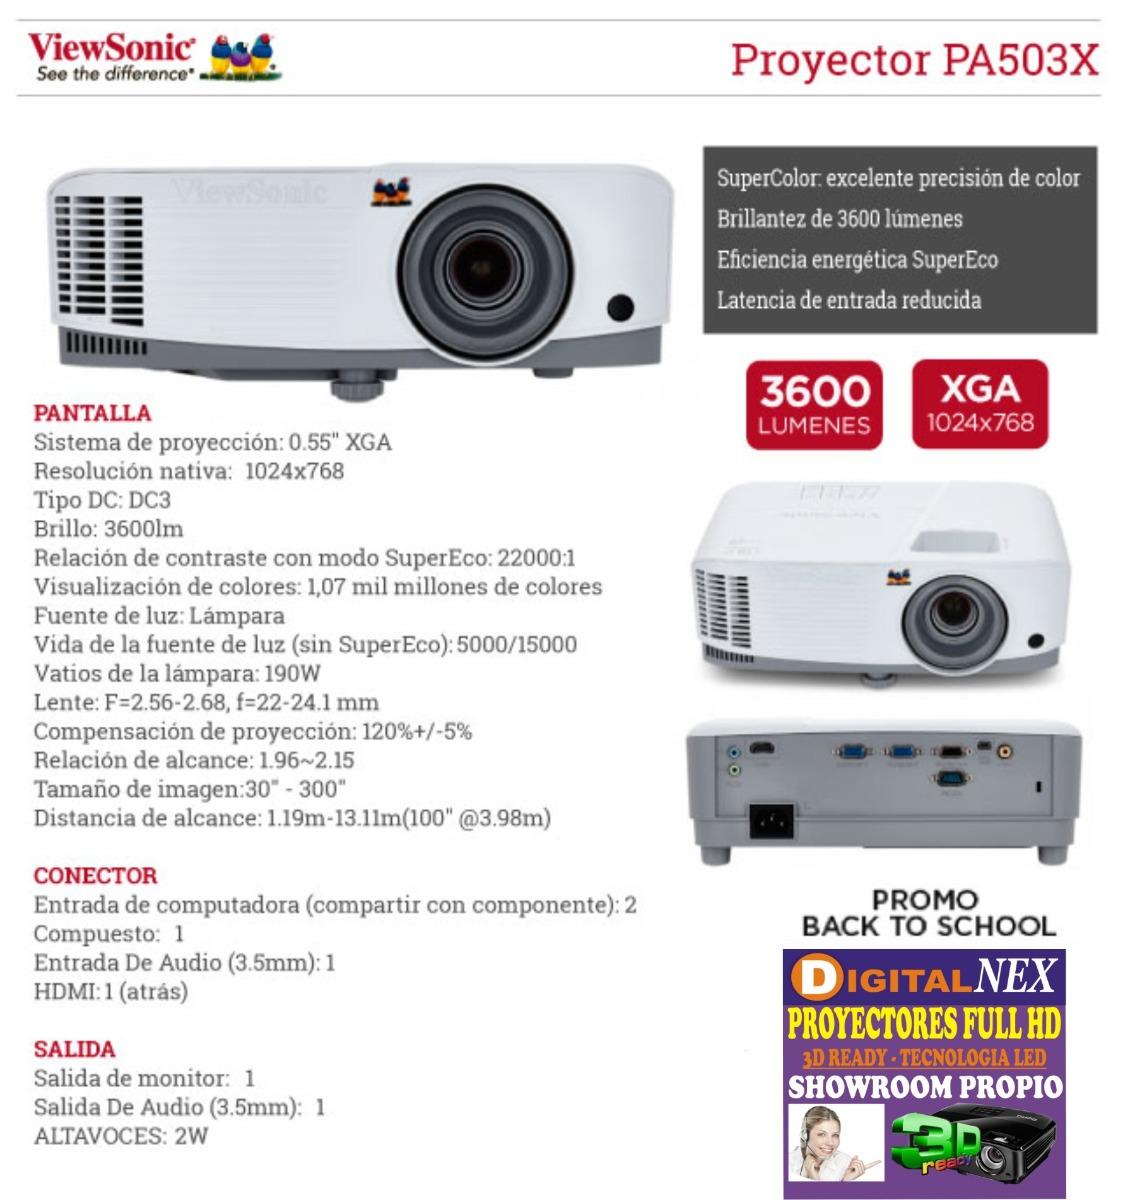 https://http2.mlstatic.com/proyector-viewsonic-3600-lumens-pa503x-hdmi-vga-x2-mod-2019-D_NQ_NP_948219-MLA29764714244_032019-F.jpg